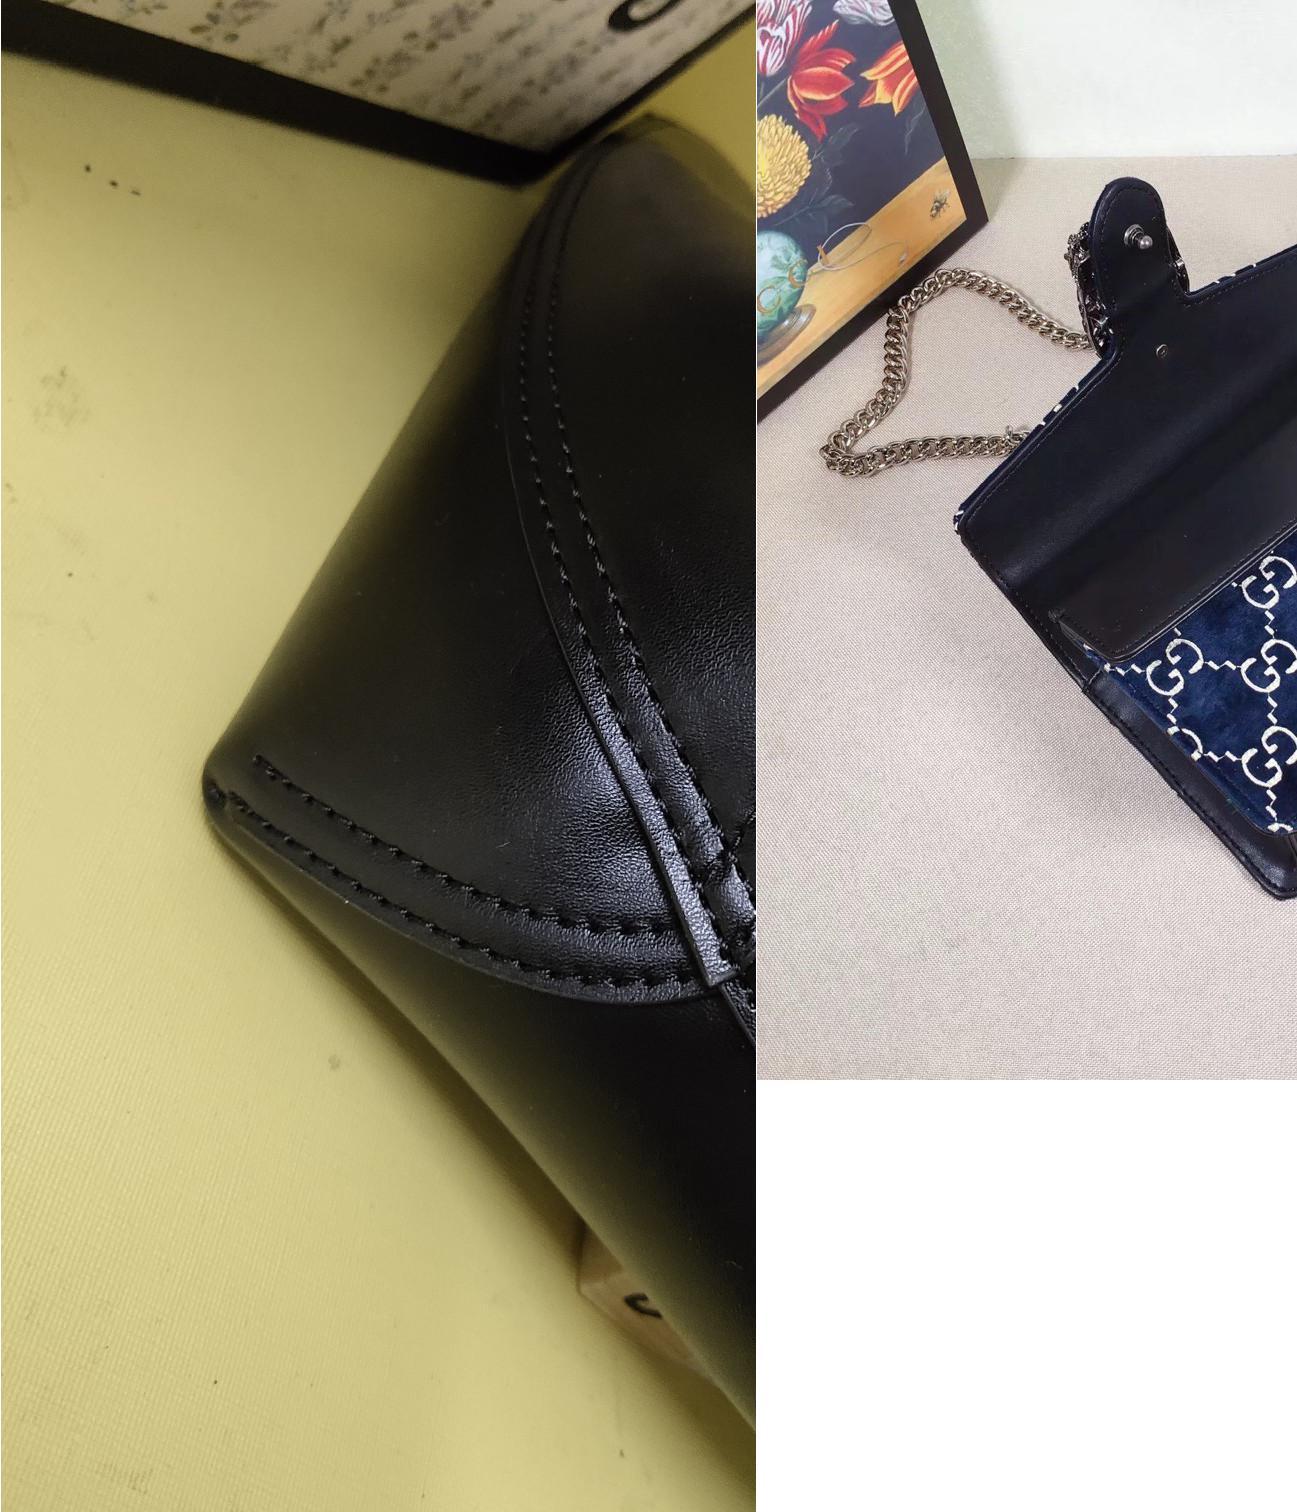 scarpe gucci nuova collezione